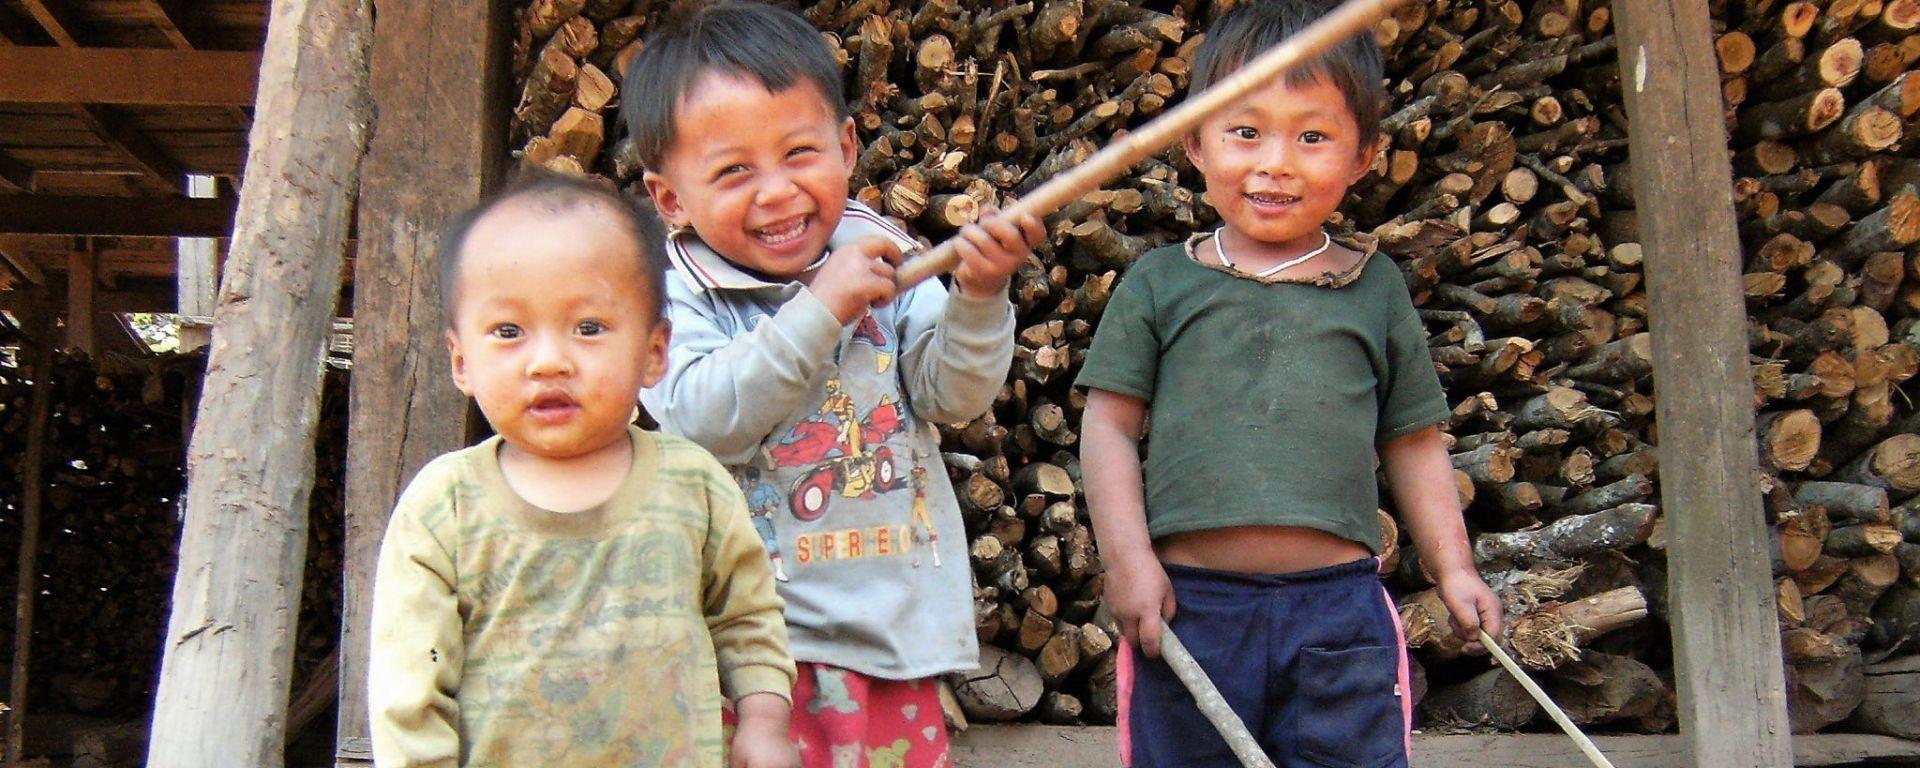 Niños akha, Laos